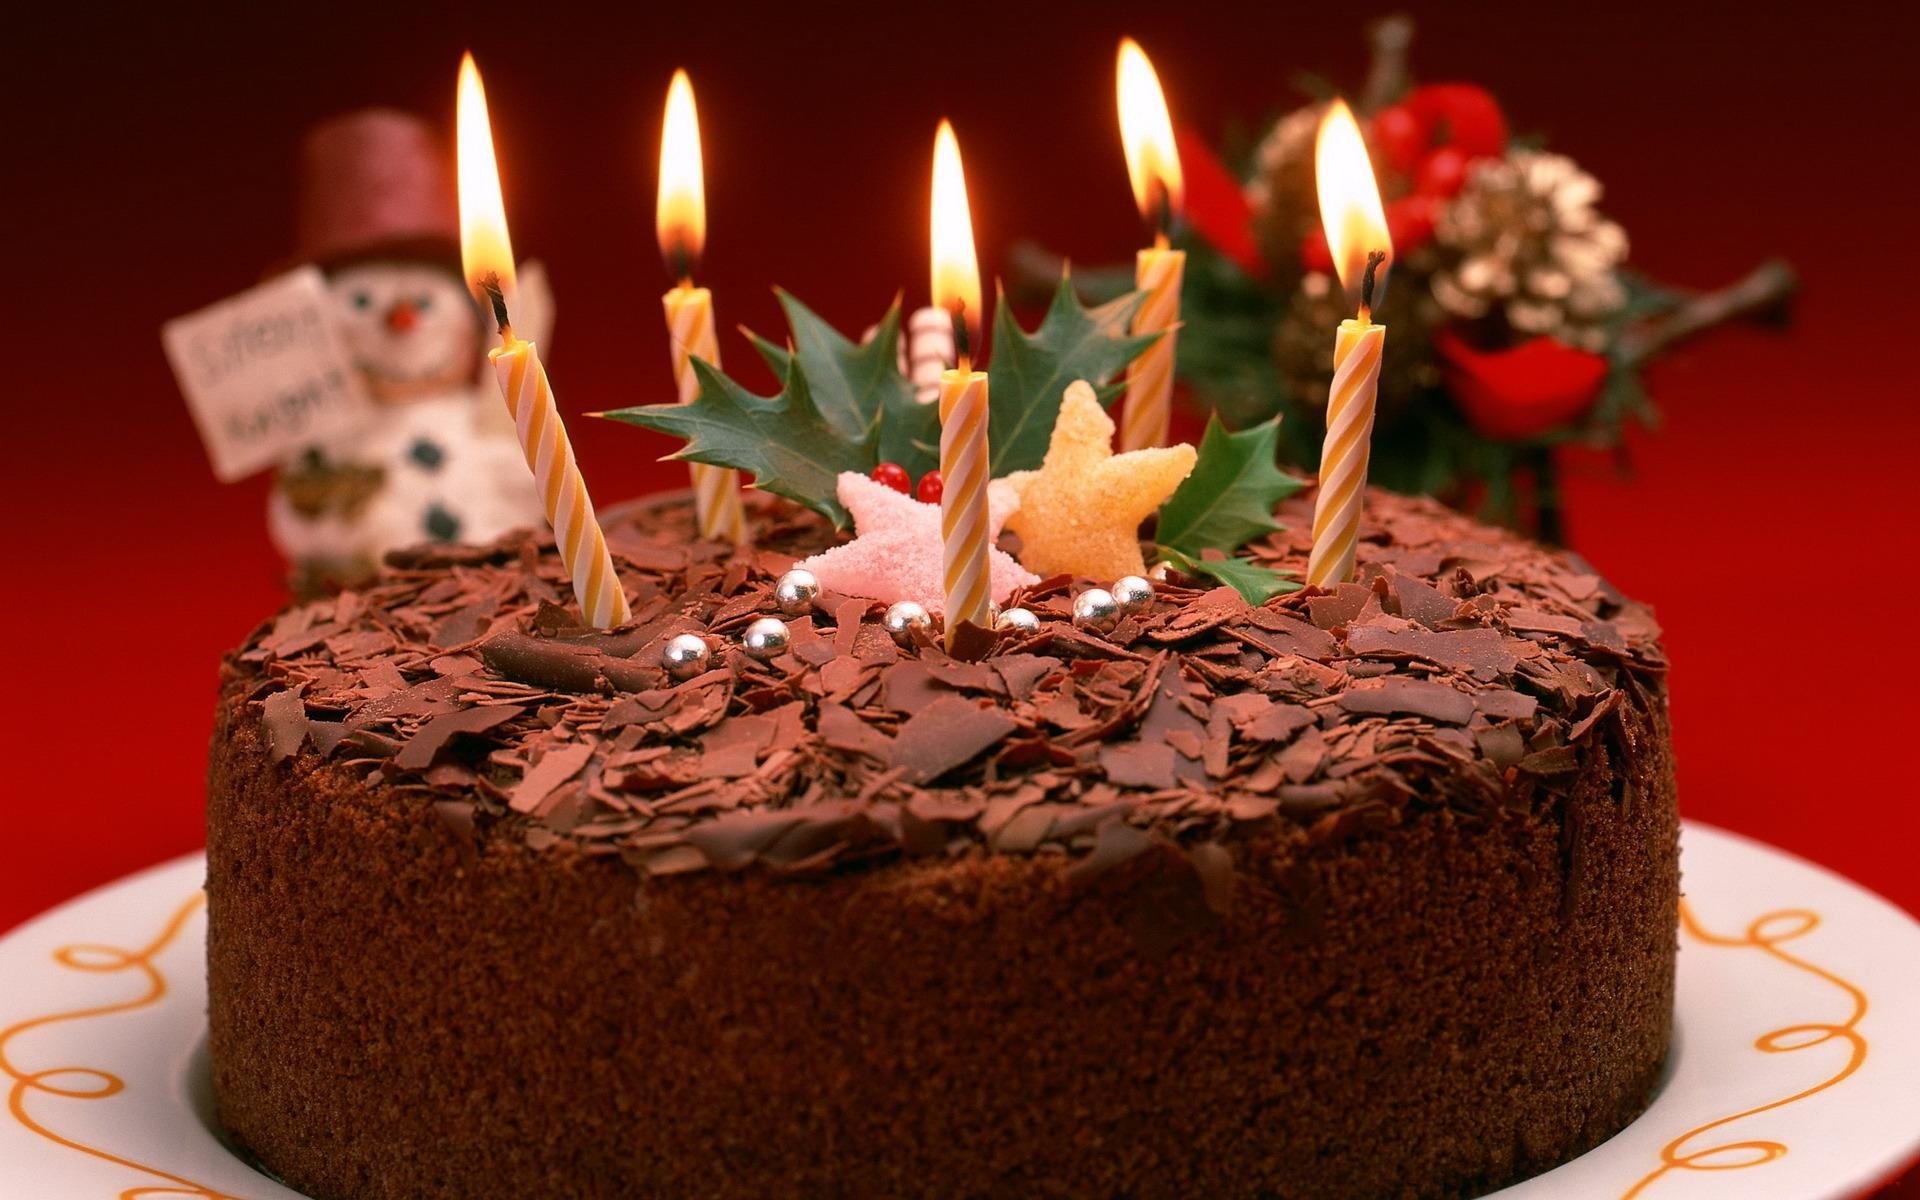 Торт со свечами на день рождения - С Днем Рождения поздравительные картинки